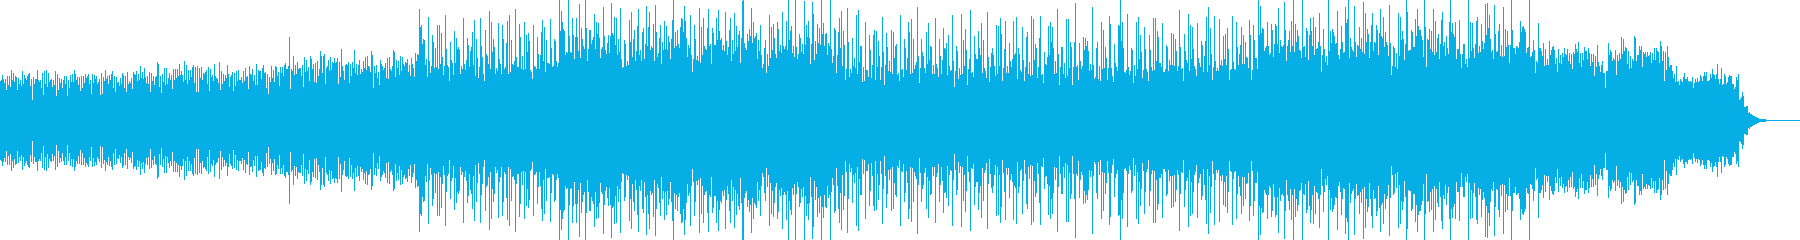 明るく前向きなBGMの再生済みの波形